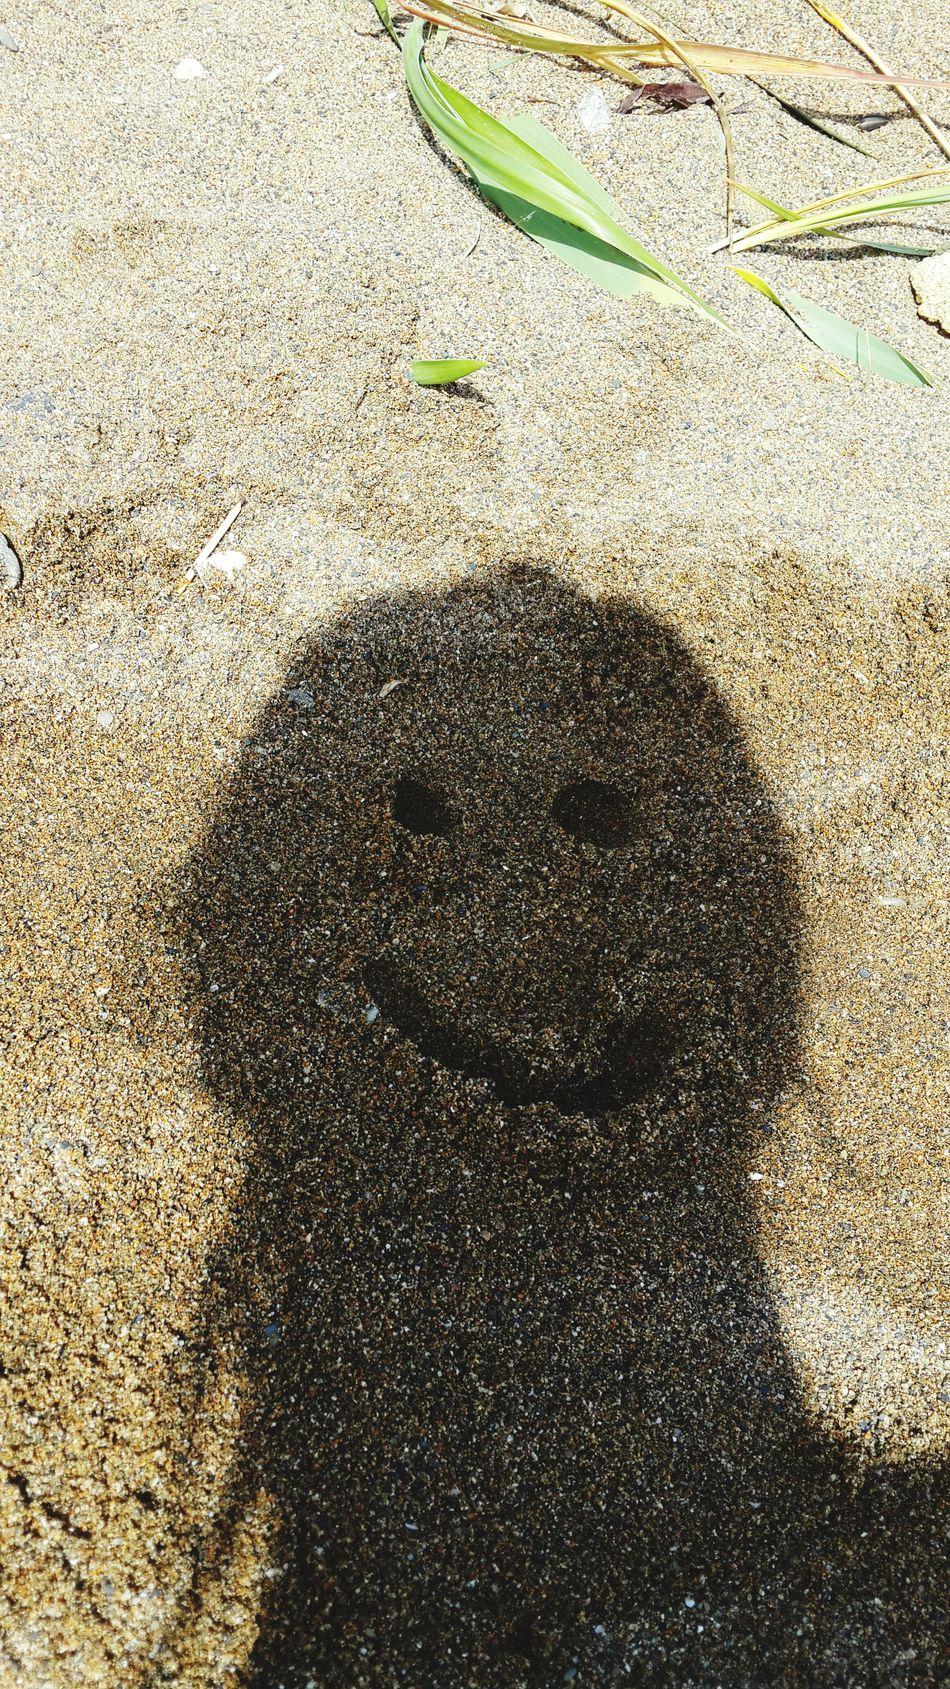 Улыбок всем) Хорошеенастроение песок улыбайтесь чаще) солцеморепесок